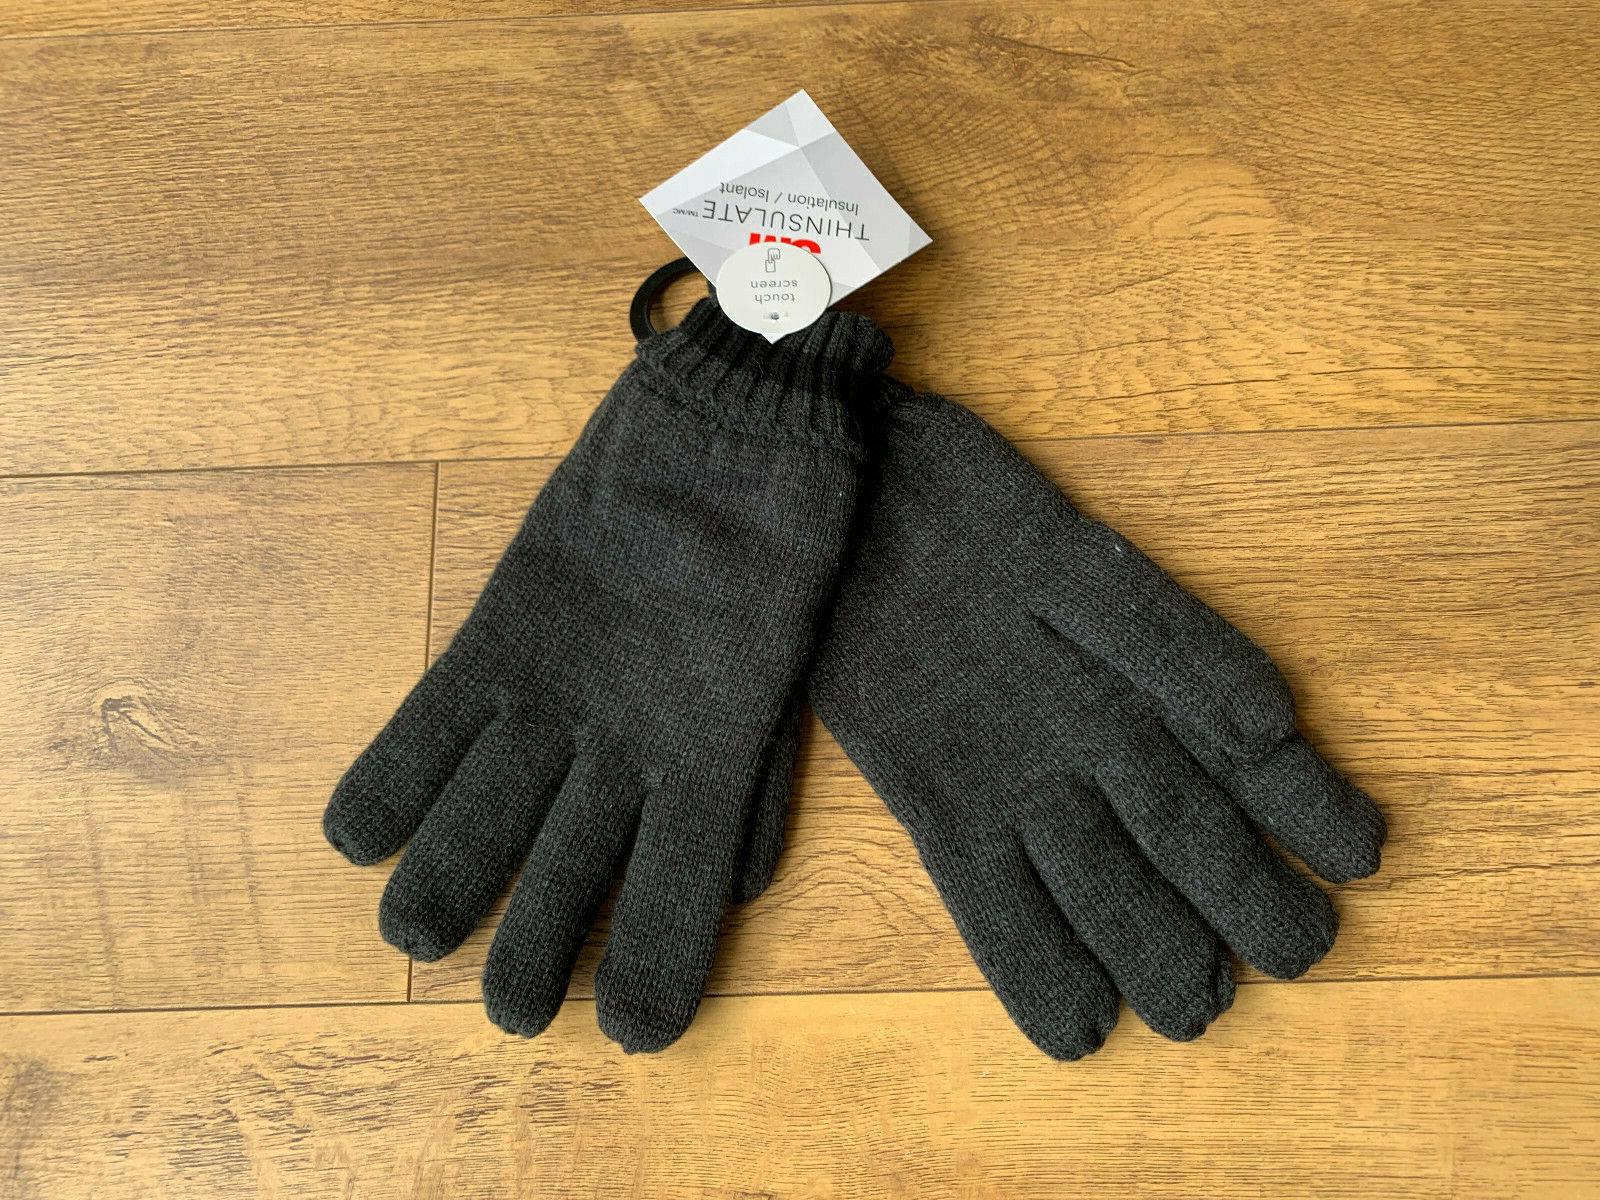 F&F MENS GLOVES Dark Grey Fleece Lined 3M Thinsulate L/XL - BNWT